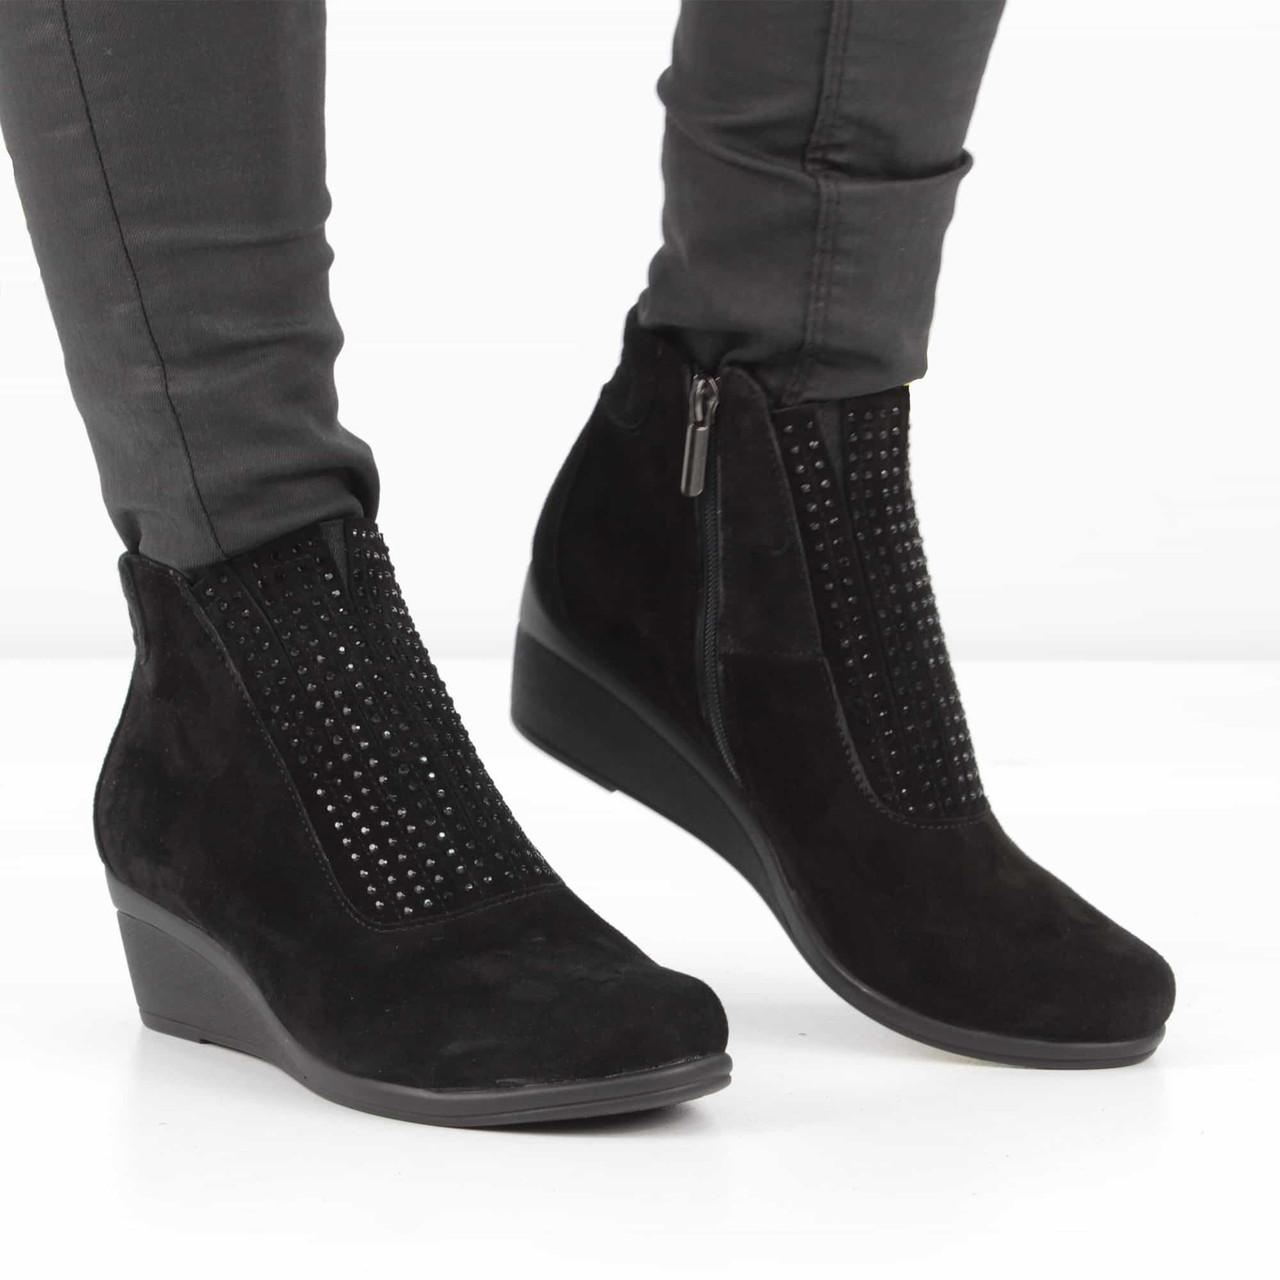 4d20ca8a Замшевые черные ботинки на танкетке (весна-осень), 36 размер, код UT81123